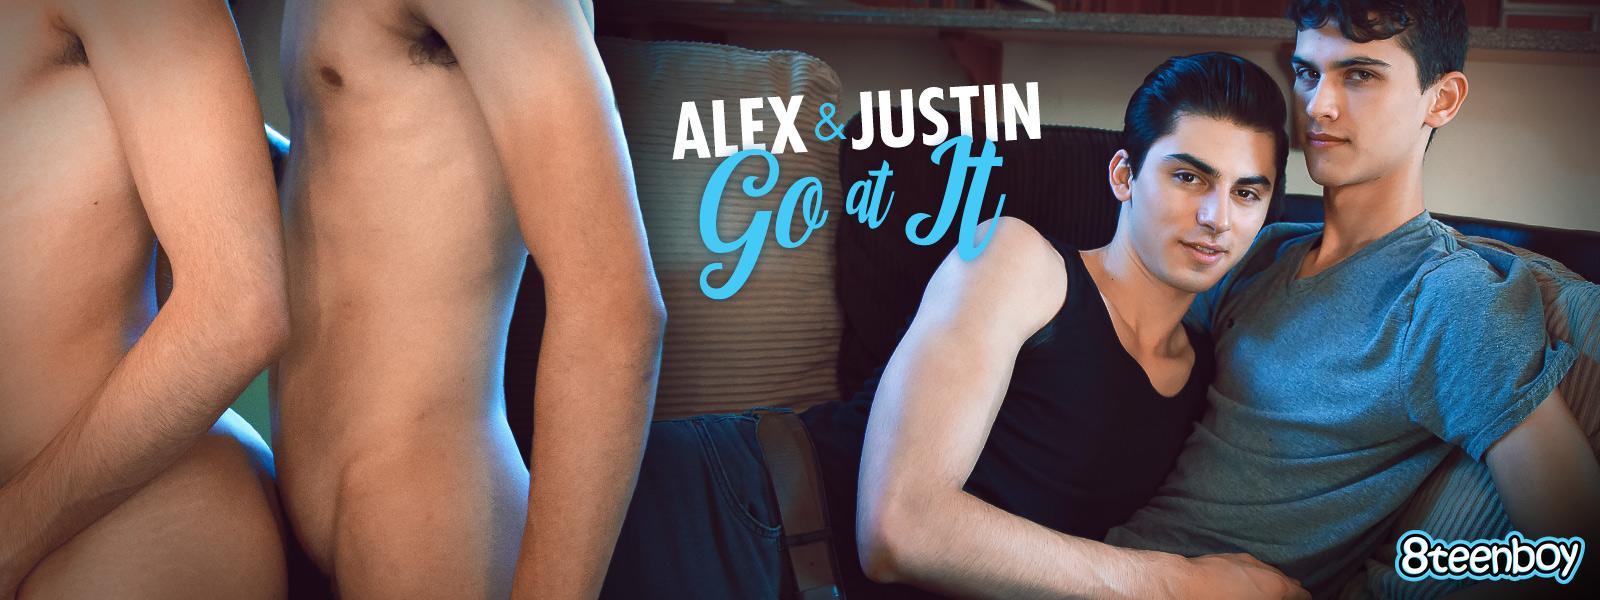 Alex & Justin Go At It